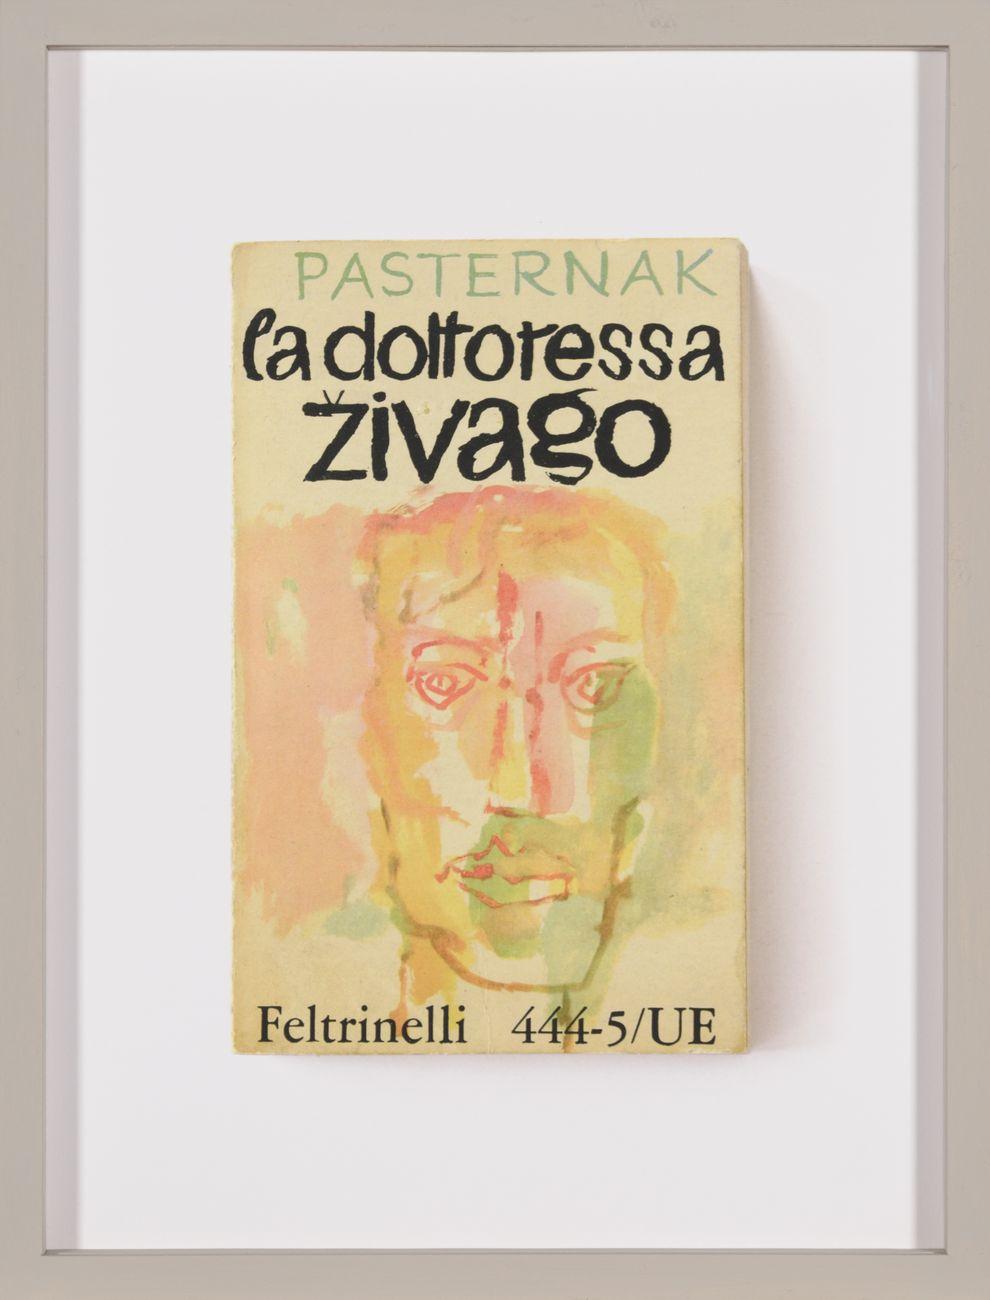 Daniela Comani, La dottoressa Zivago, 2007, dalla serie Novità editoriali, archival pigment print su PhotoRag 308g, cm 27,5x20,7. Courtesy l'artista & Galleria Studio G7, Bologna. Photo Alessandro Fiamingo